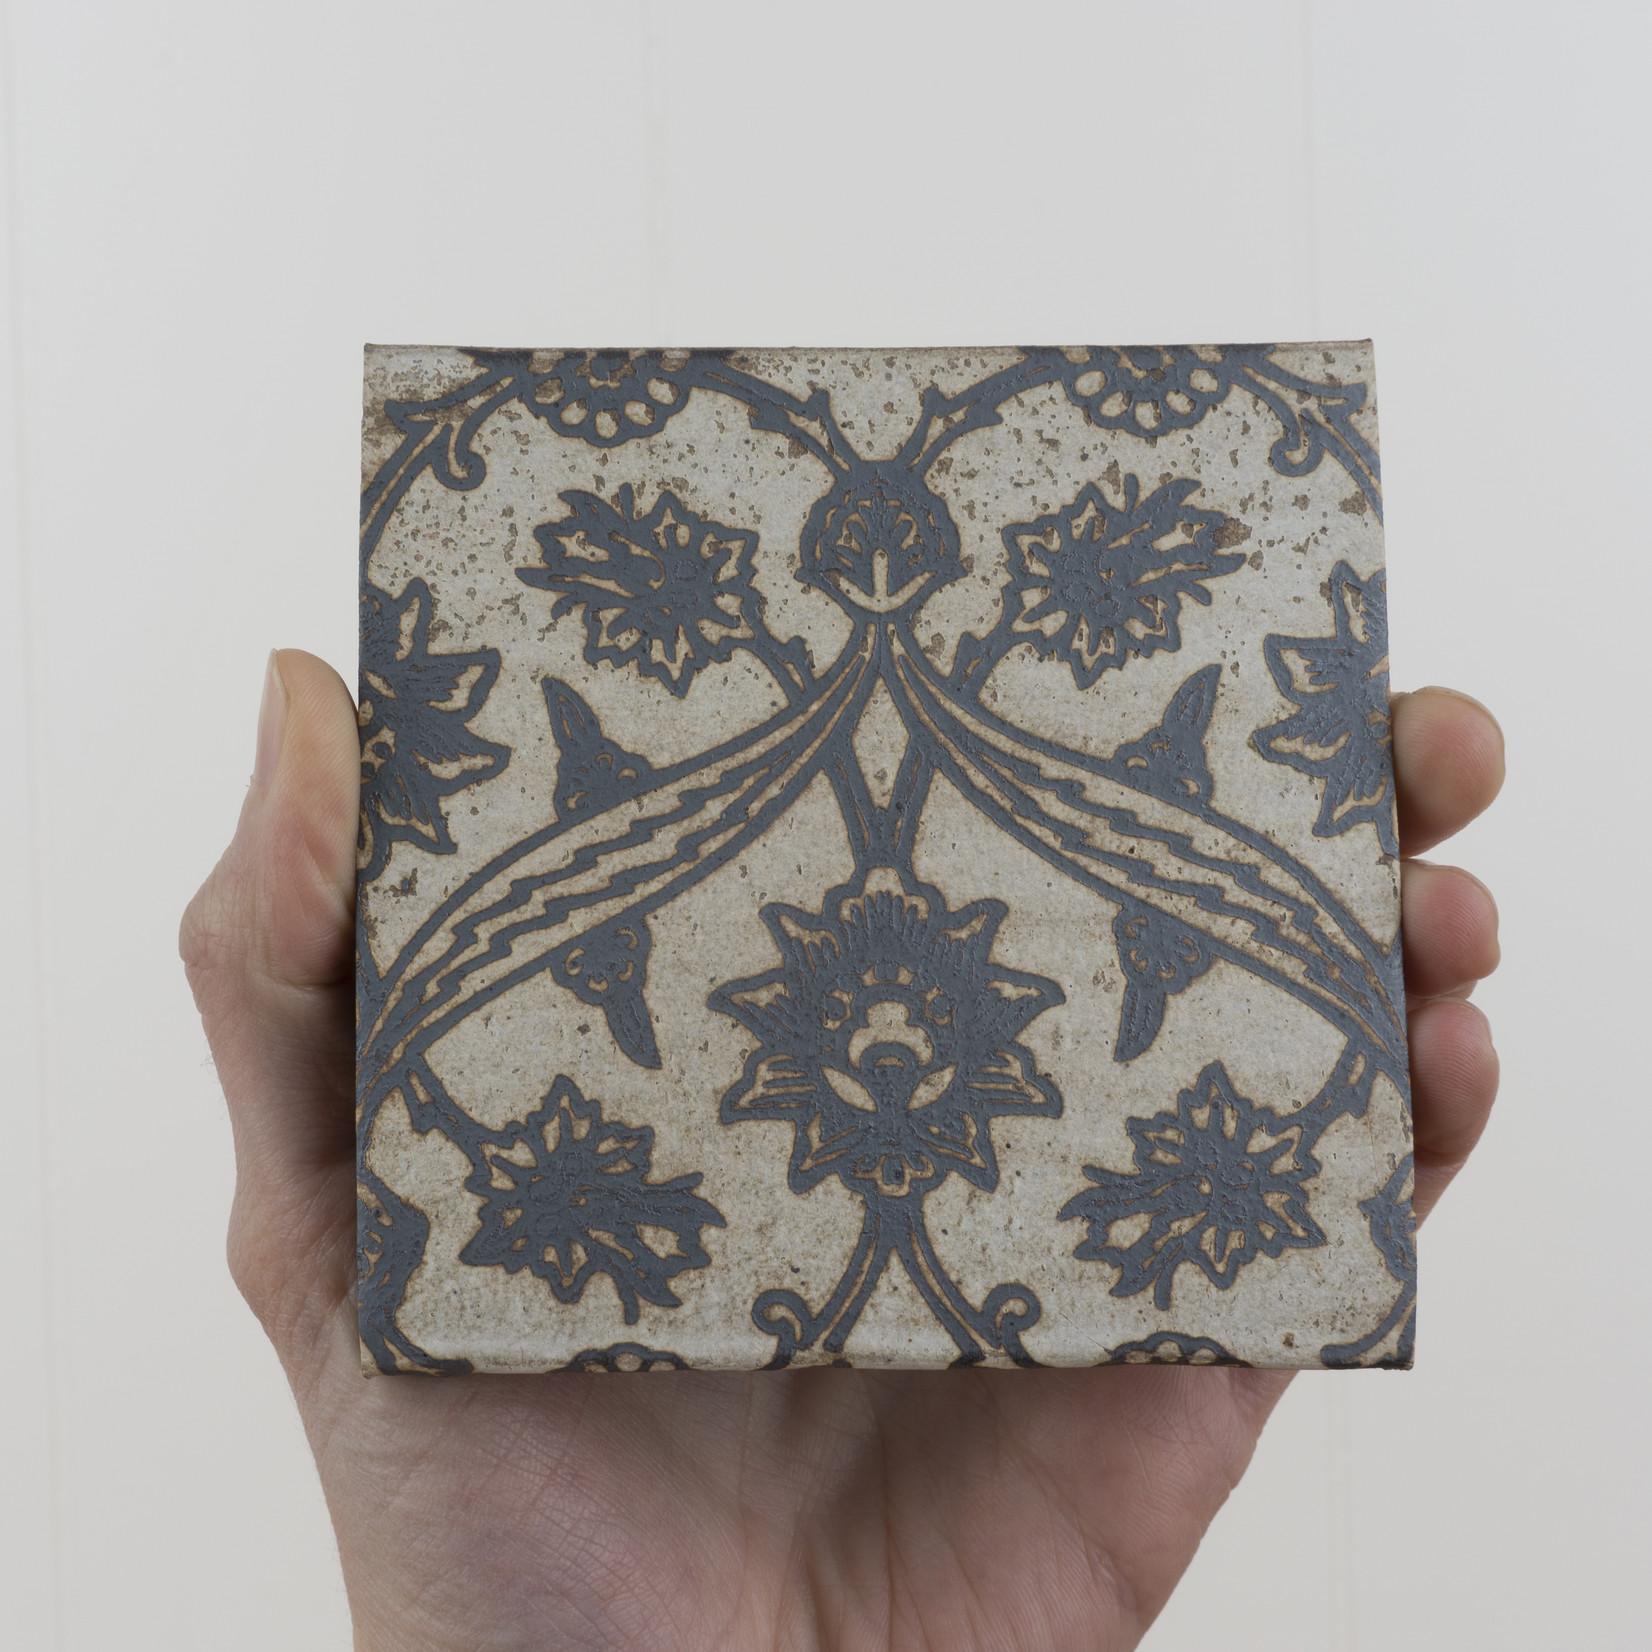 Handprinted Ceramic Coaster